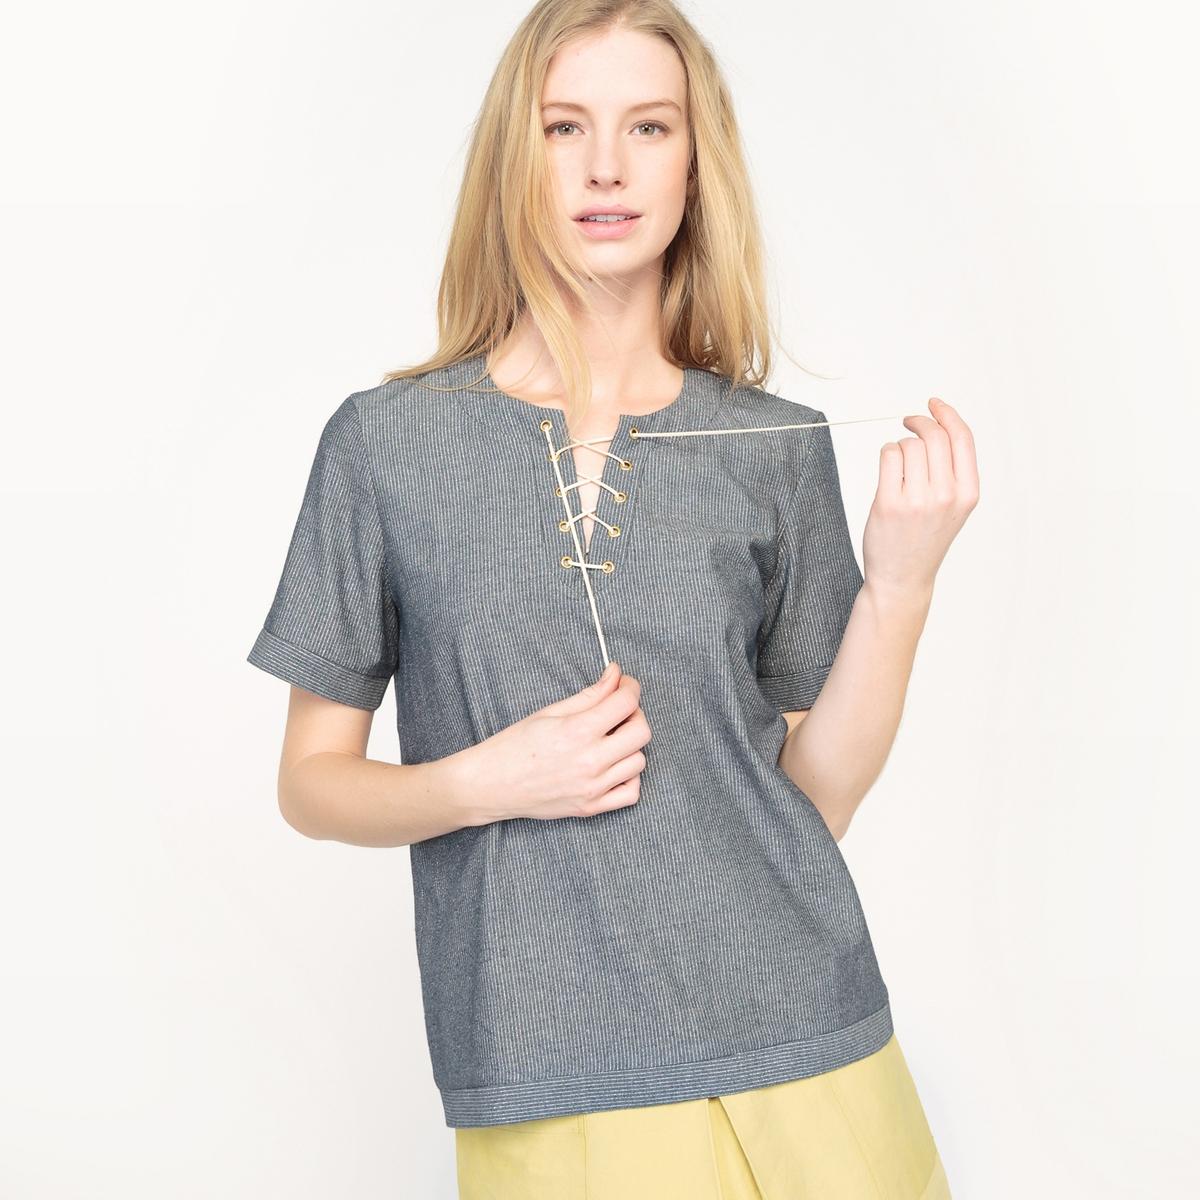 купить Блузка в полоску, Made in France по цене 2359.2 рублей